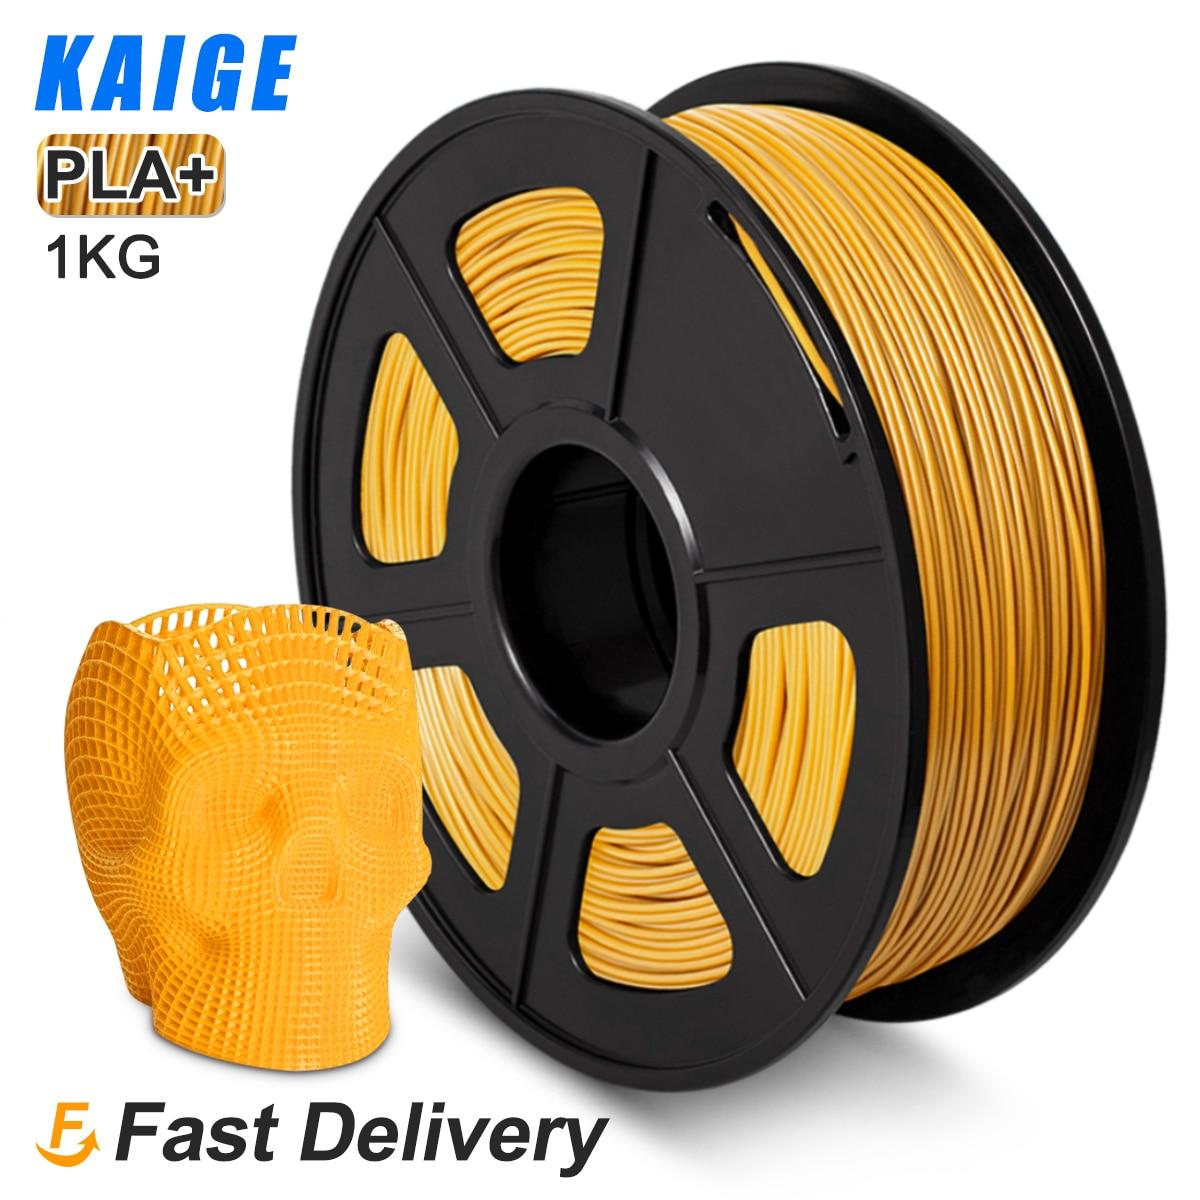 KAIGE PLA PLUS-filamento de impresión 3D de 1,75mm, 1kg, Color dorado claro,...